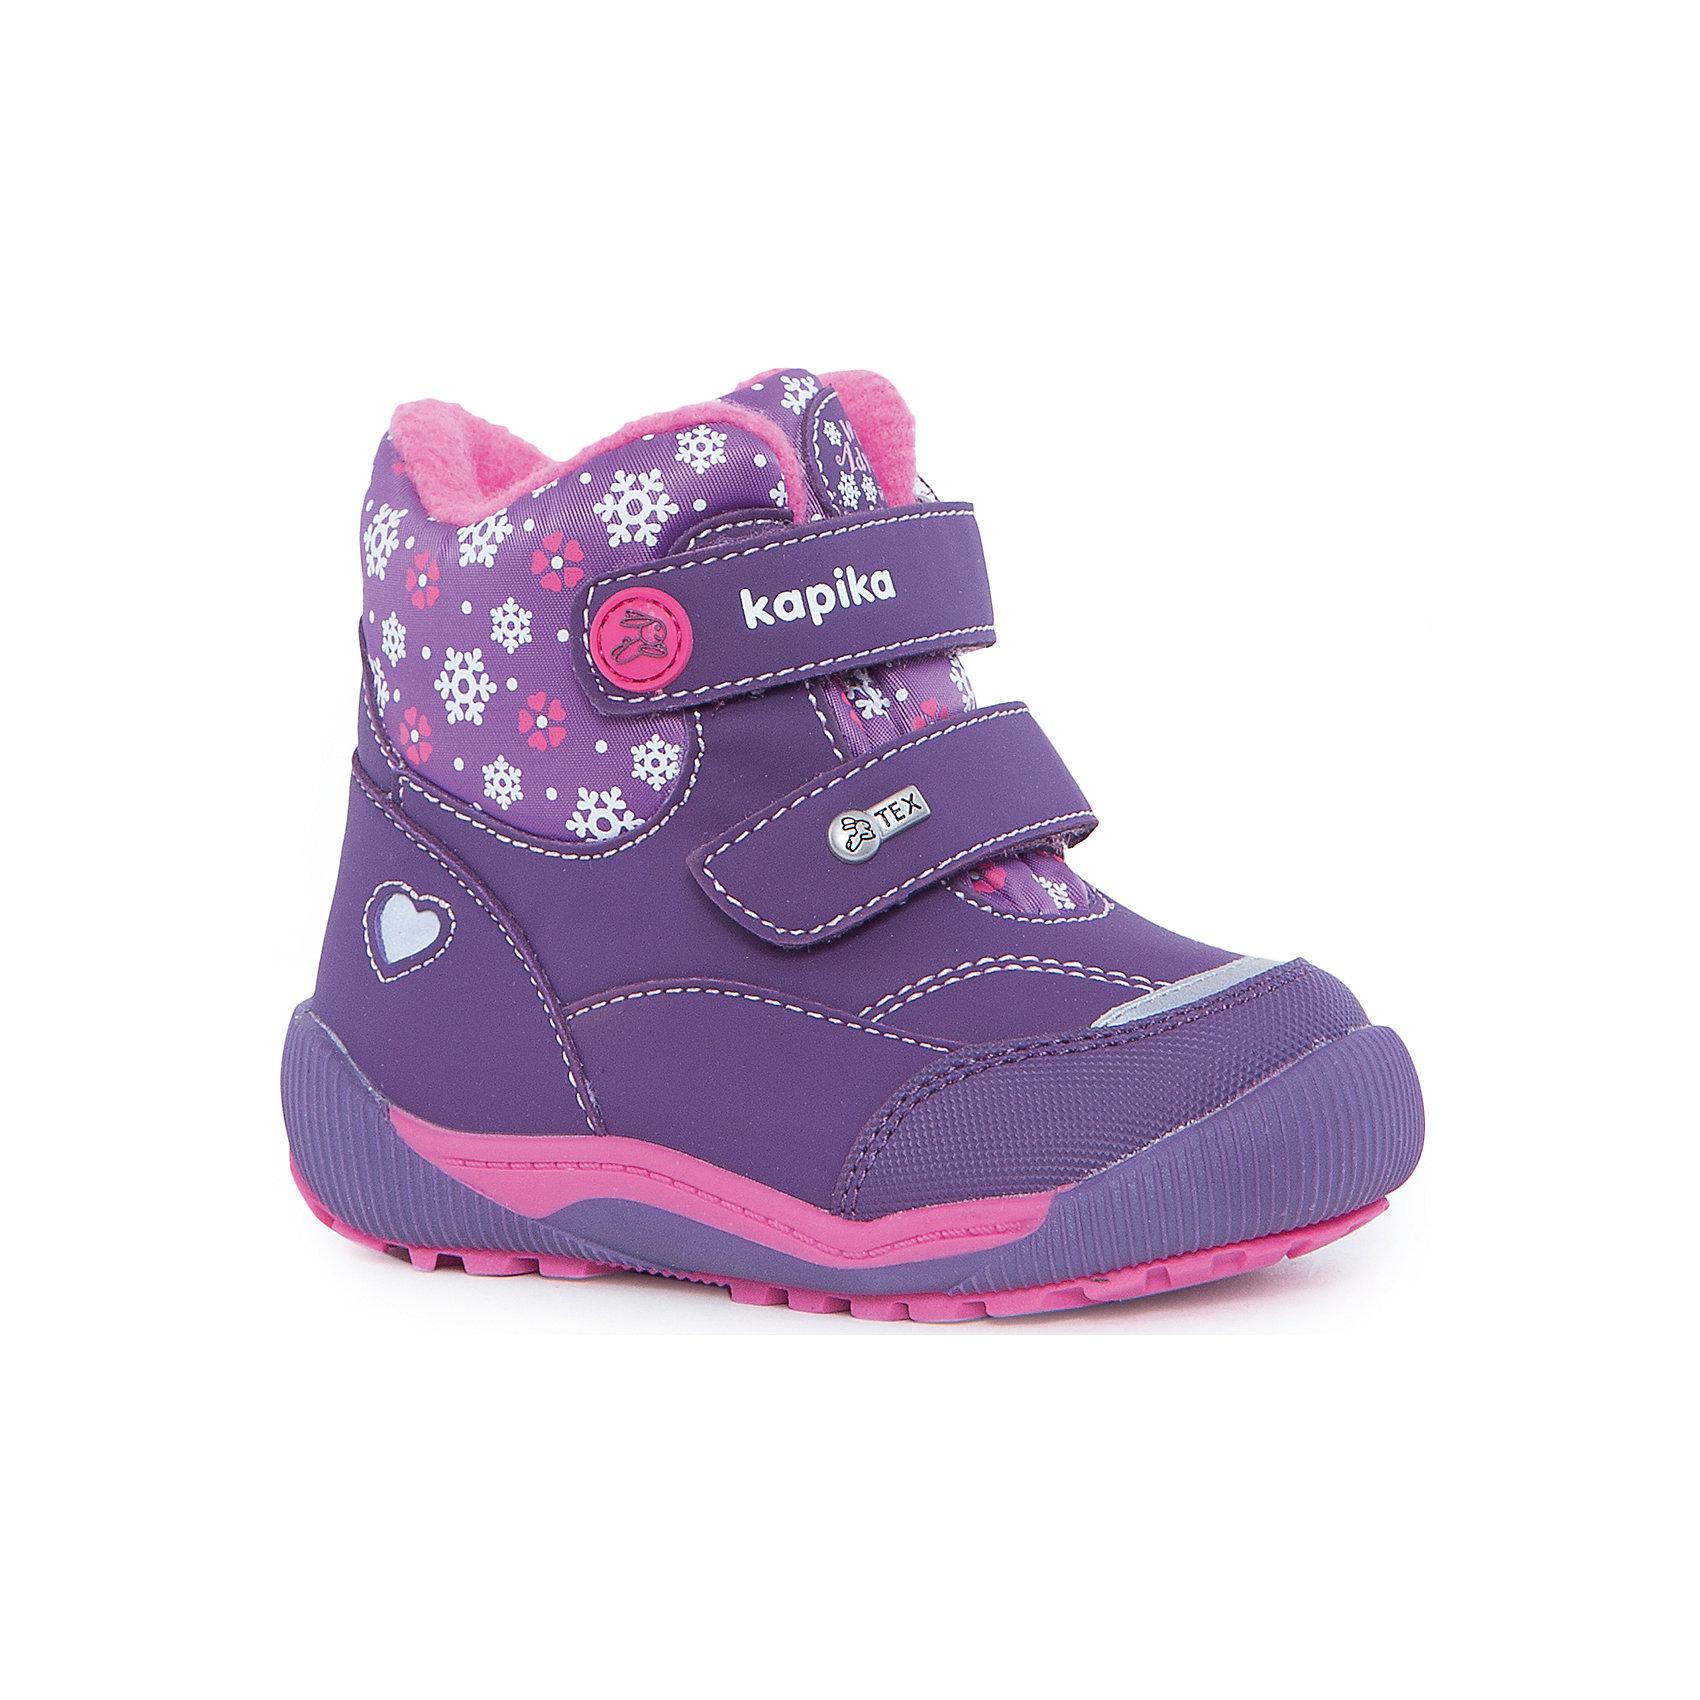 Ботинки для девочки KAPIKAОбувь для малышей<br>Ботинки для девочки KAPIKA.<br><br>Температурный режим: до -20 градусов. Степень утепления – средняя. <br><br>* Температурный режим указан приблизительно — необходимо, прежде всего, ориентироваться на ощущения ребенка.<br><br>Ботинки отлично подойдут для прогулок в холодное время года. С ними прогулки вашей малышки станут еще интереснее и удобнее,ведь они не будут натирать и сковывать движение. <br><br>Характеристика:<br>-Цвет: фиолетовый с рисунком<br>-Материал: снаружи- текстиль + искусственная кожа,                       подкладка:текстиль(шерсть 80%)<br>-Застёжка: две липучки<br>-Бренд: KAPIKA(КАПИКА)<br>-Сезон: осень-зима<br><br>Ботинки  для девочки KAPIKA  вы можете приобрести в нашем интернет- магазине.<br><br>Ширина мм: 262<br>Глубина мм: 176<br>Высота мм: 97<br>Вес г: 427<br>Цвет: фиолетовый<br>Возраст от месяцев: 24<br>Возраст до месяцев: 36<br>Пол: Женский<br>Возраст: Детский<br>Размер: 26,22,23,24,25<br>SKU: 4987875